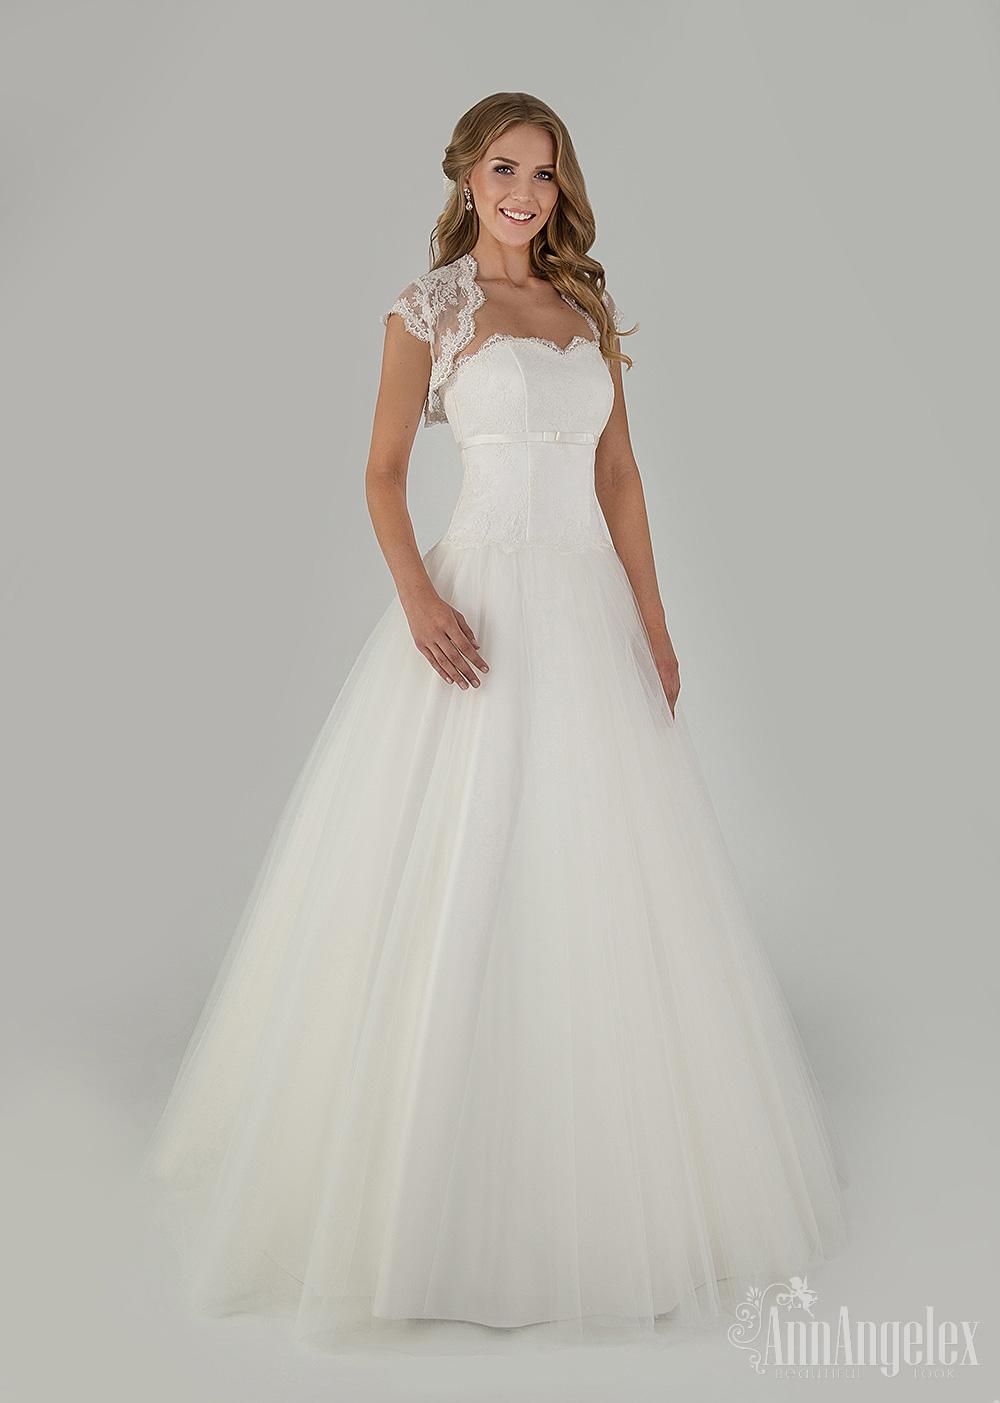 Berühmt Brautkleid Recycle Bilder - Hochzeit Kleid Stile Ideen ...